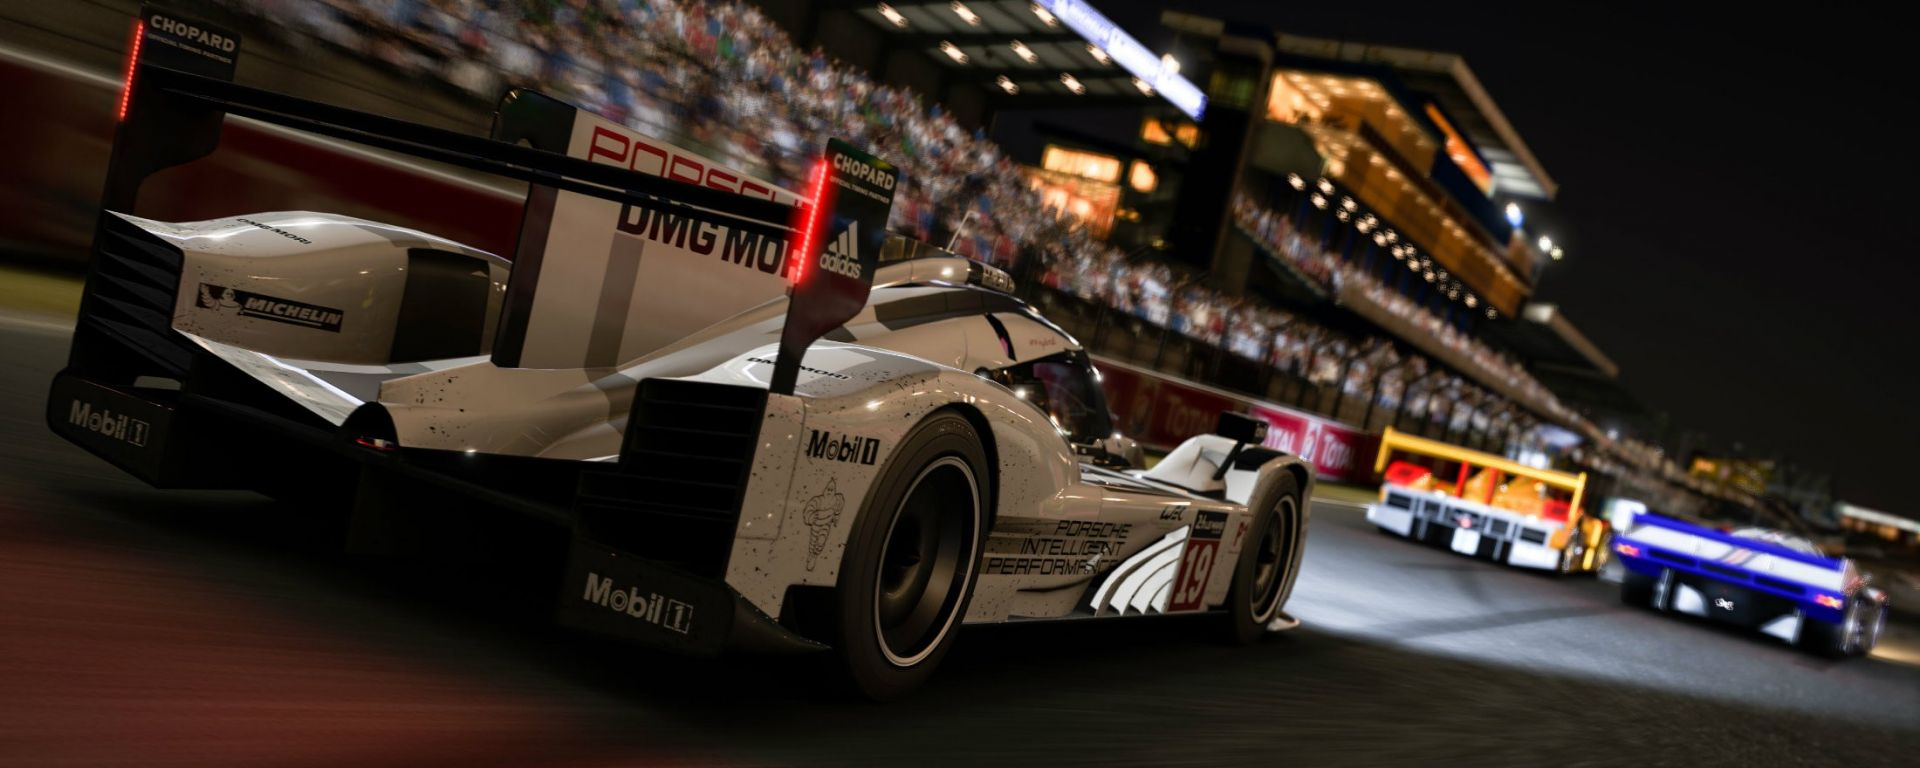 Forza RC stagione 3: la Porsche Cup, uno screenshot del videogame